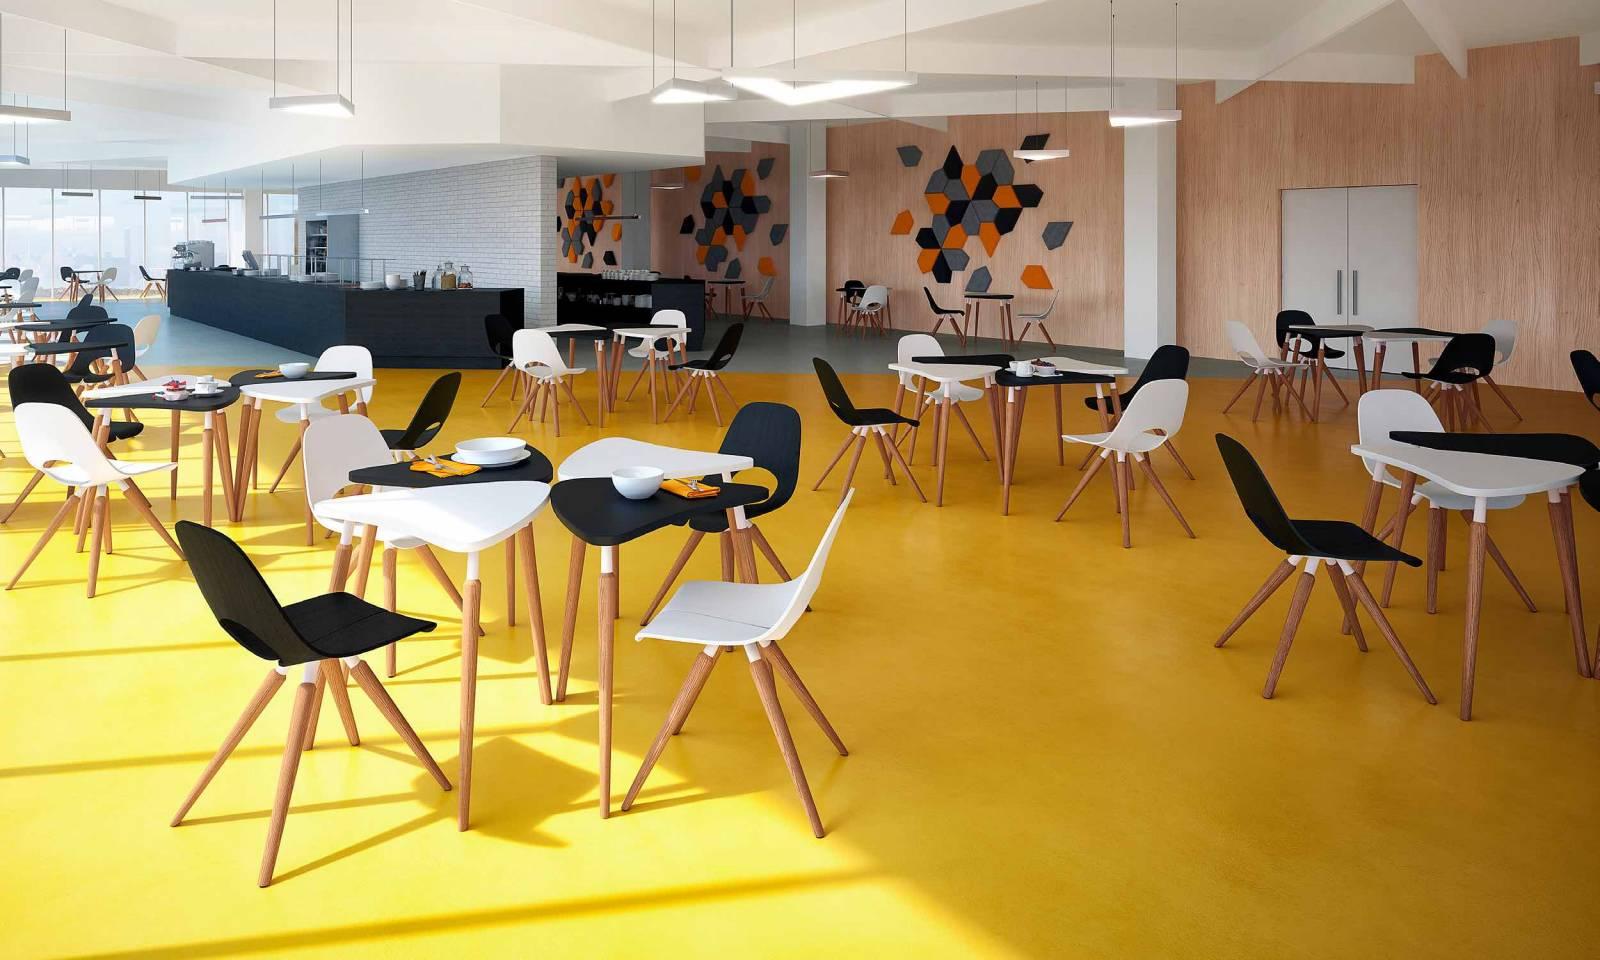 Table modulaire TAUKO pour aménagement d'une cafétéria avec chaise TAUKO